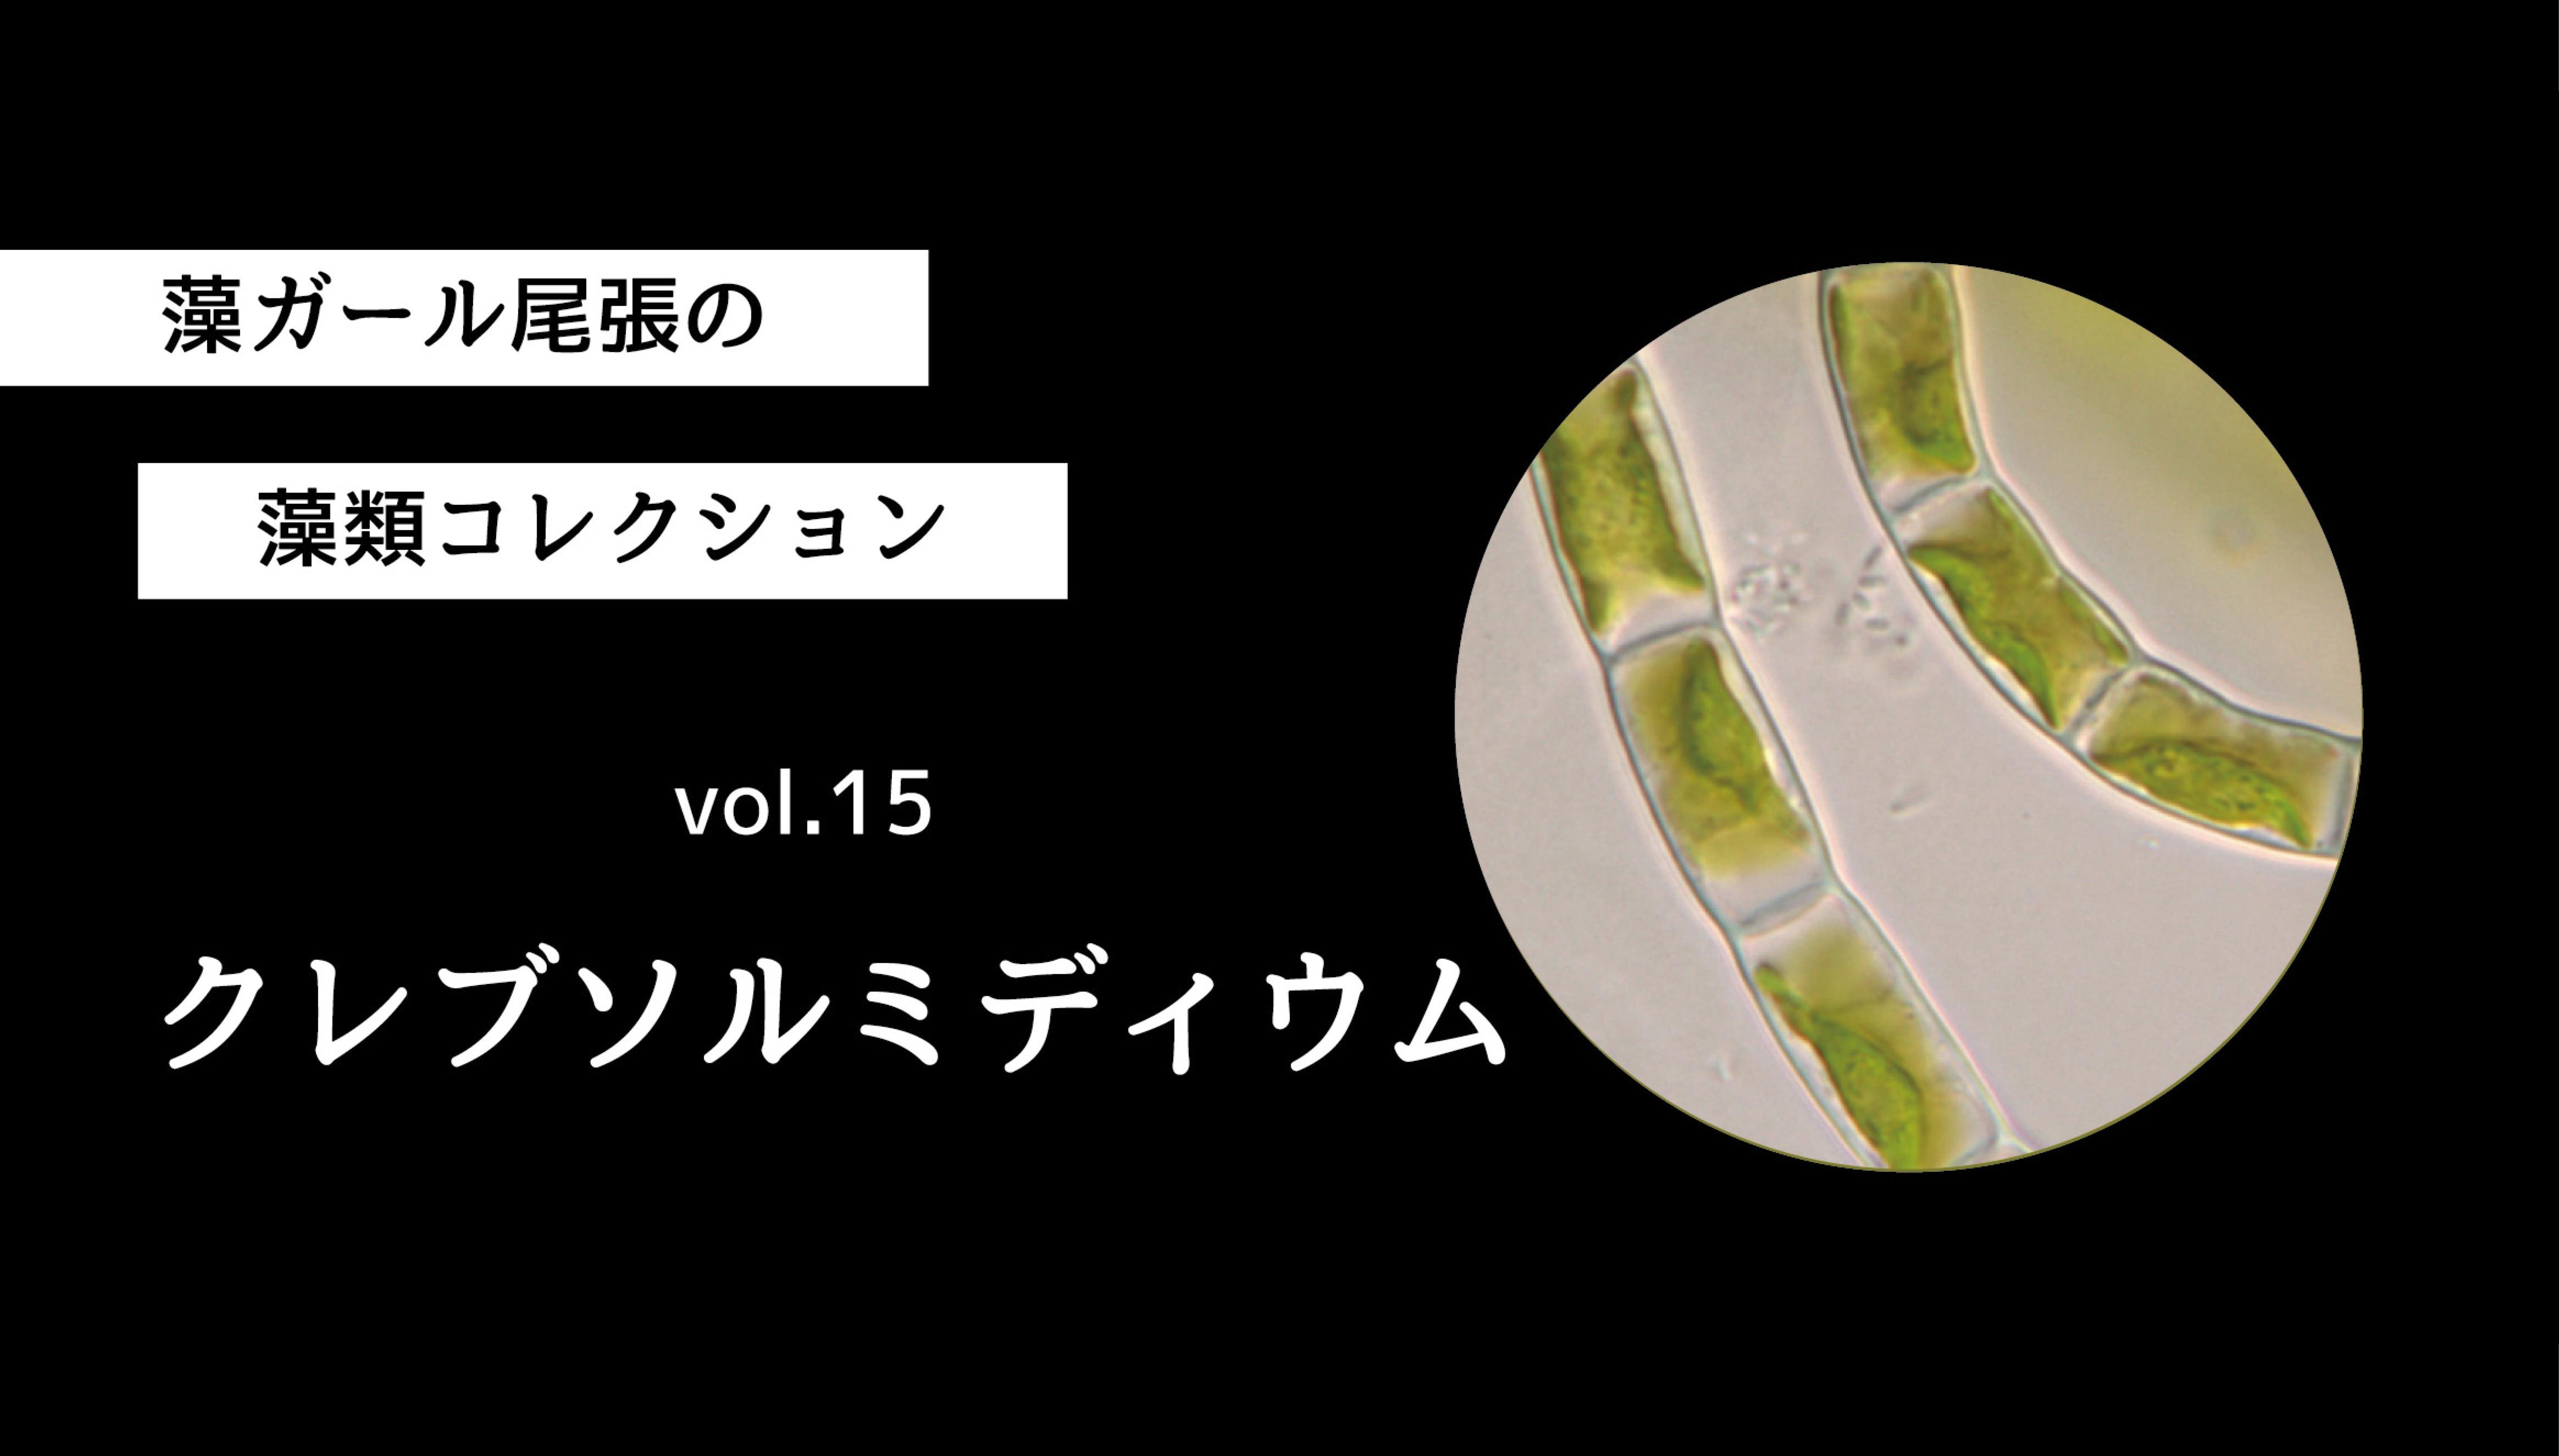 藻ガール尾張の藻類コレクション vol.15 クレブソルミディウム